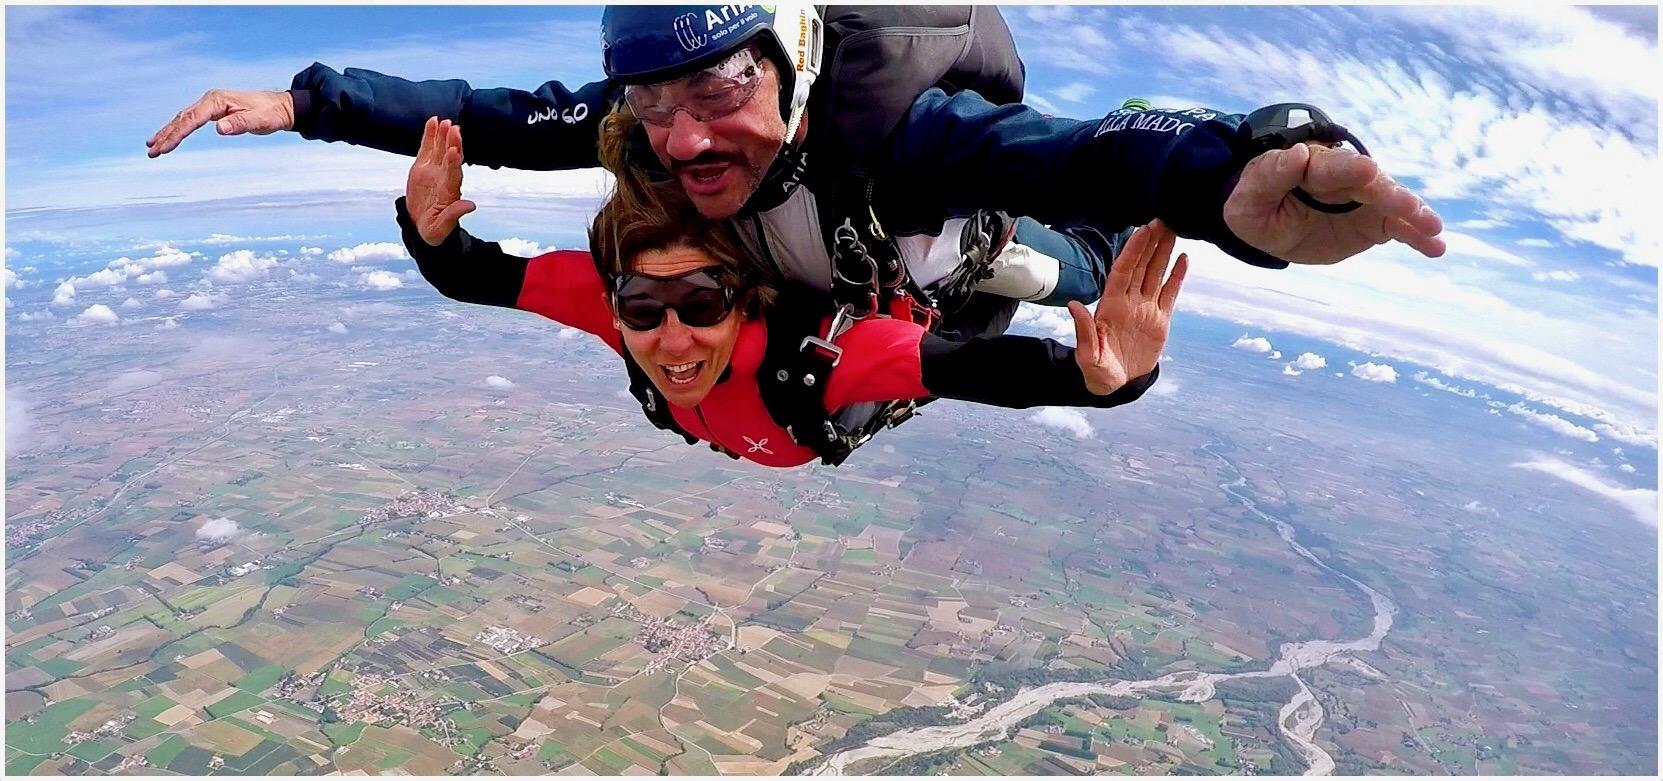 mymum_skydiving_lustforthesublime